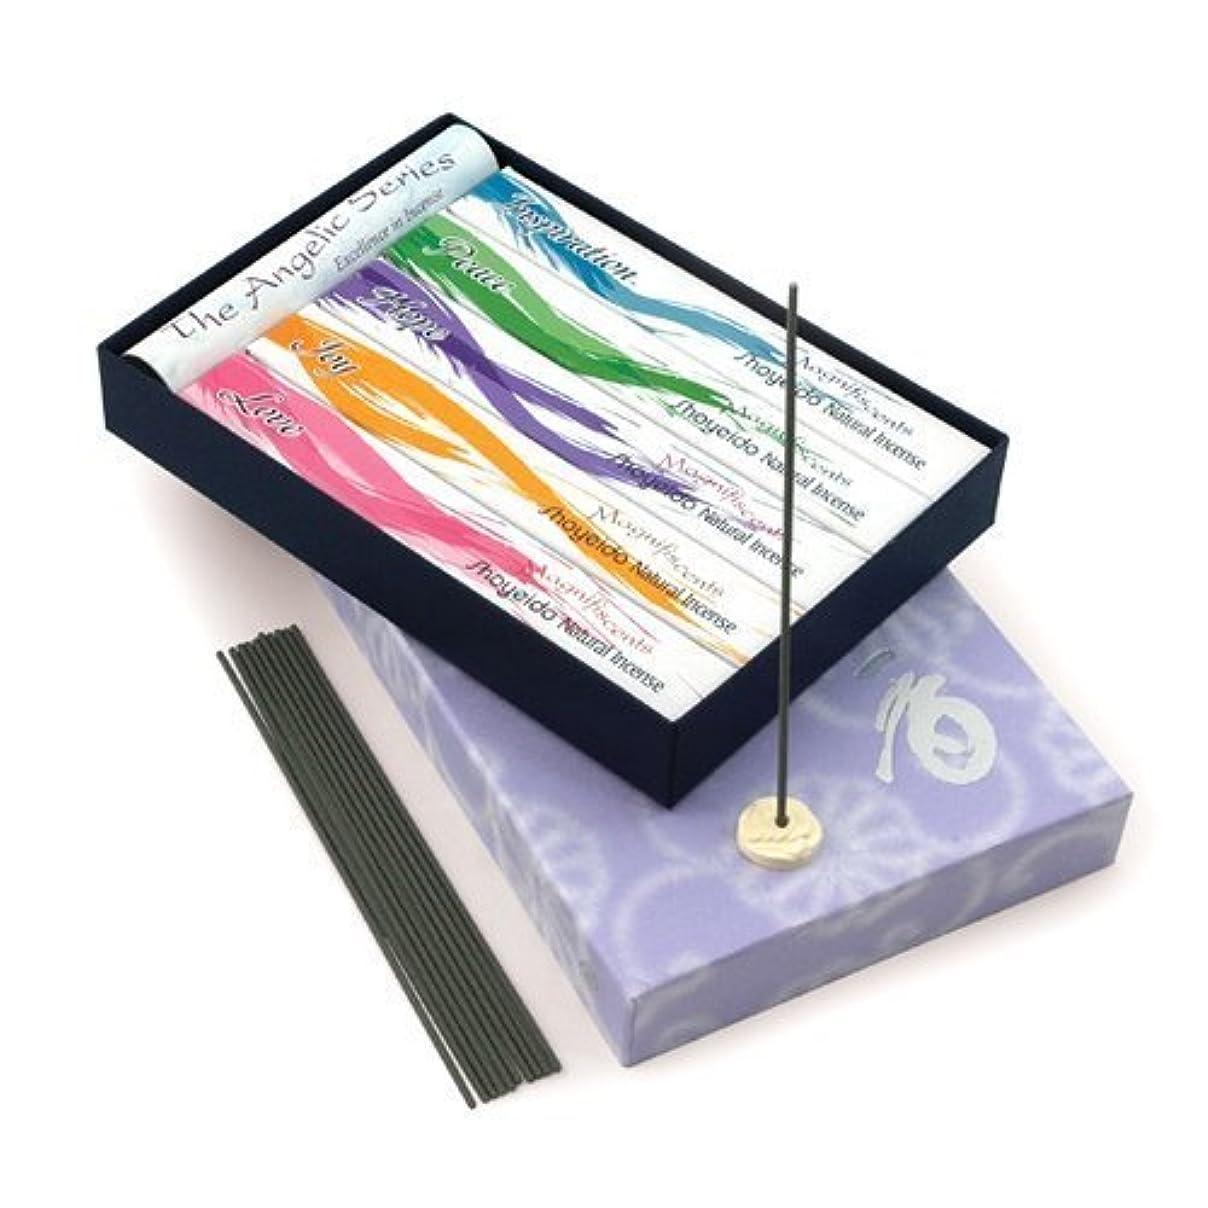 果てしないケーキうねるShoyeido's Angelic Incense 5-Bundle Gift Set by SHOYEIDO